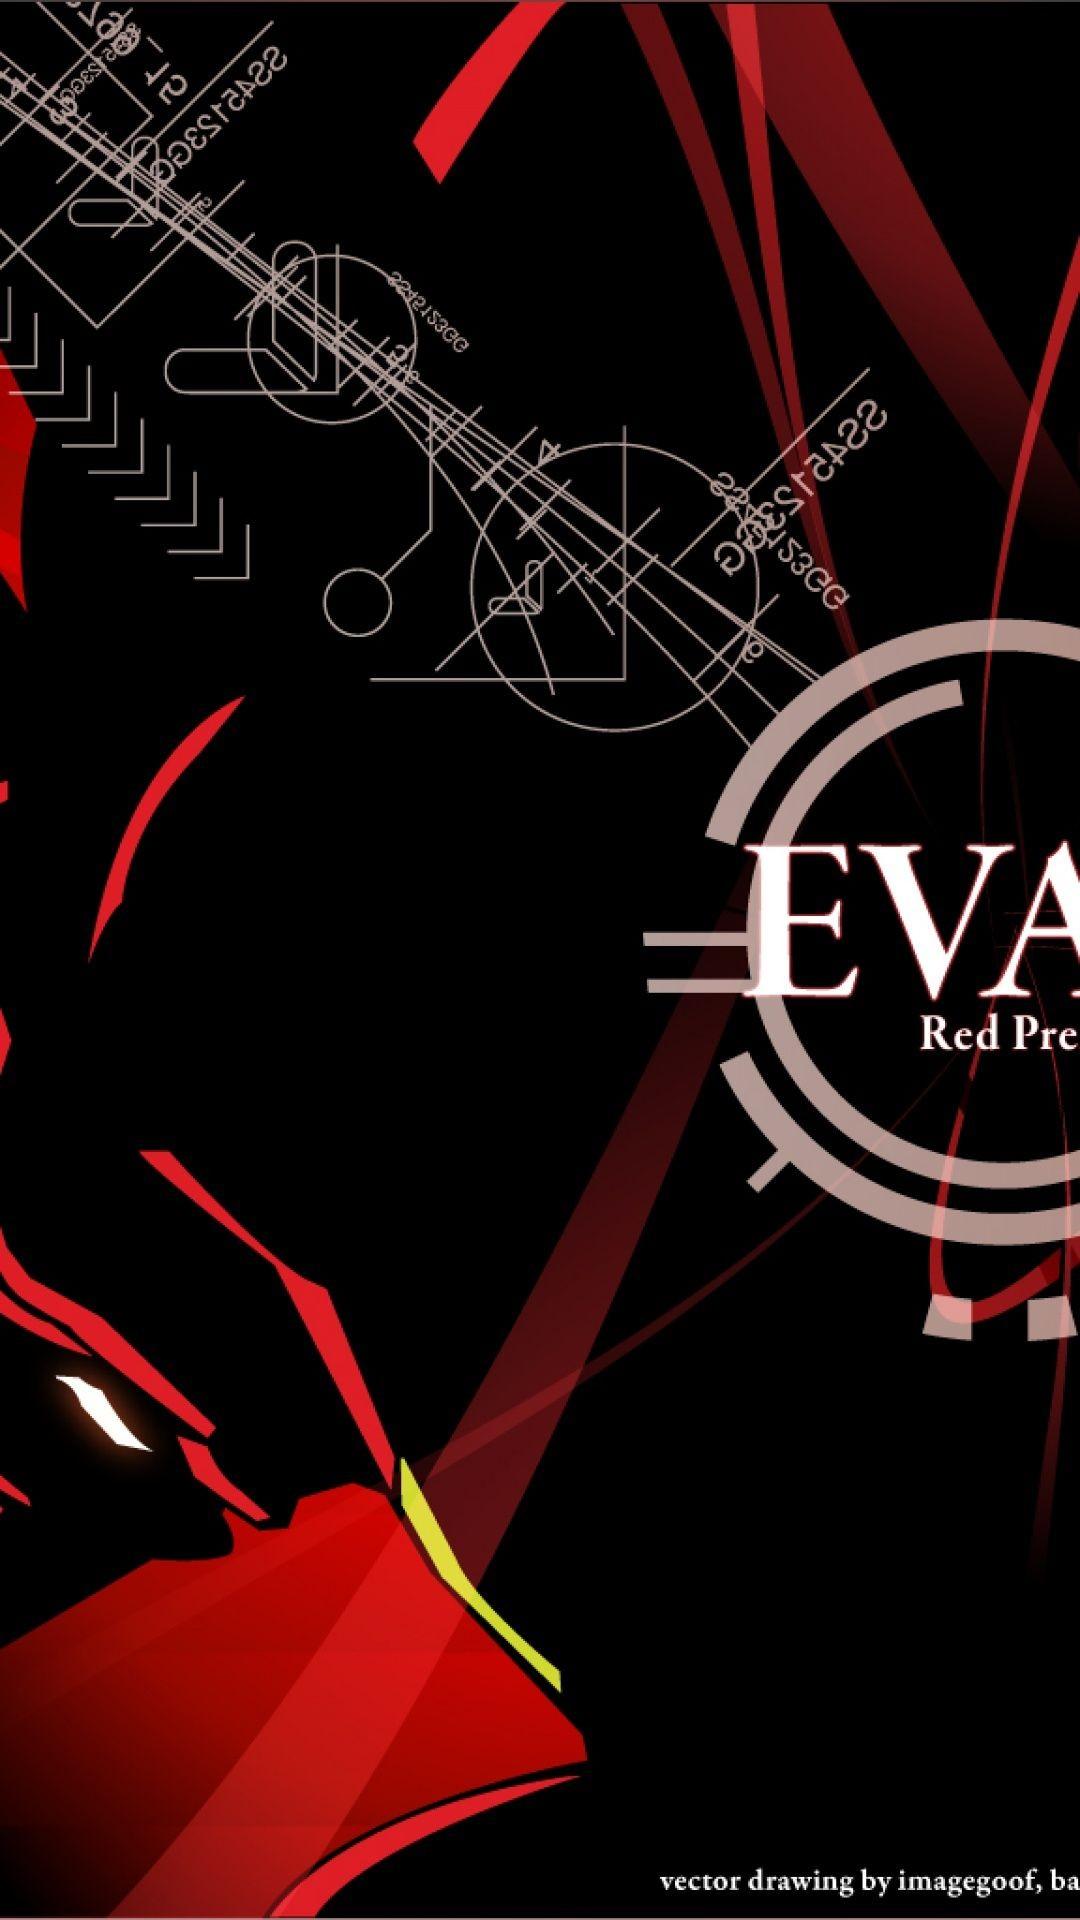 Neon Genesis Evangelion Nerv Wallpapers Unique Evangelion Evangelion Wallpaper Iphone 1708899 Hd Wallpaper Backgrounds Download